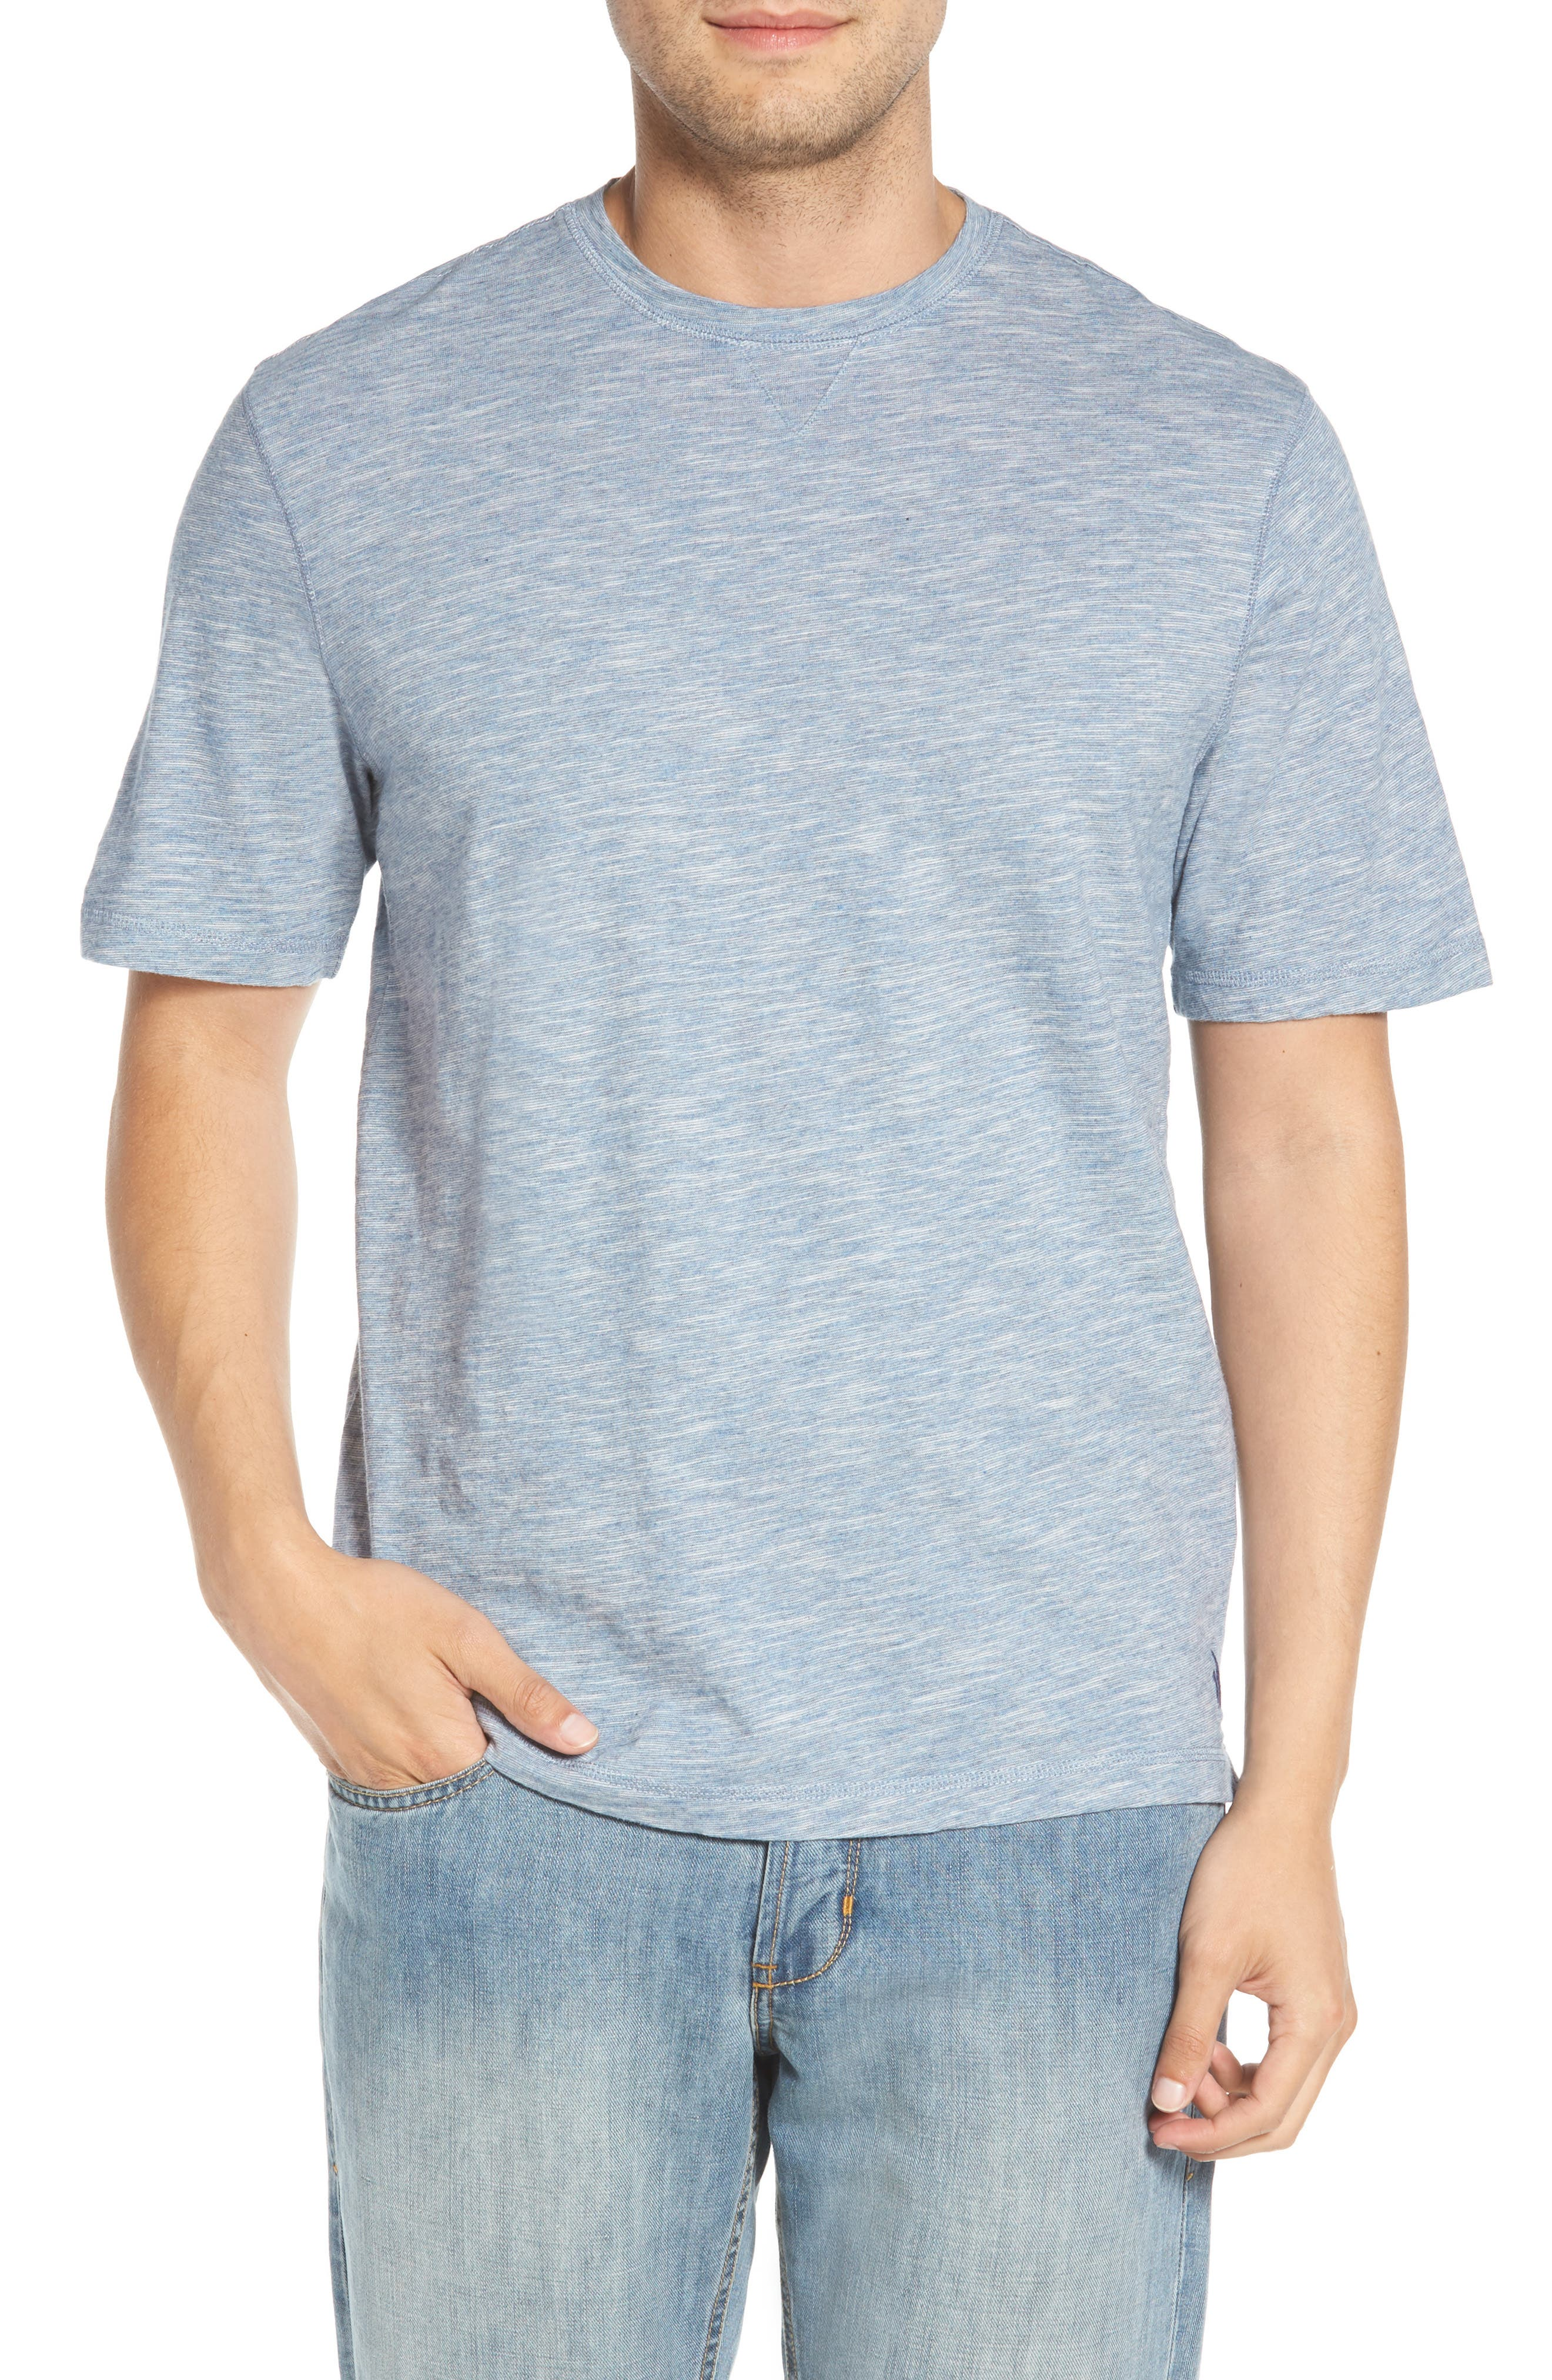 Slubbie Regular Fit Crewneck T-Shirt,                         Main,                         color, 021